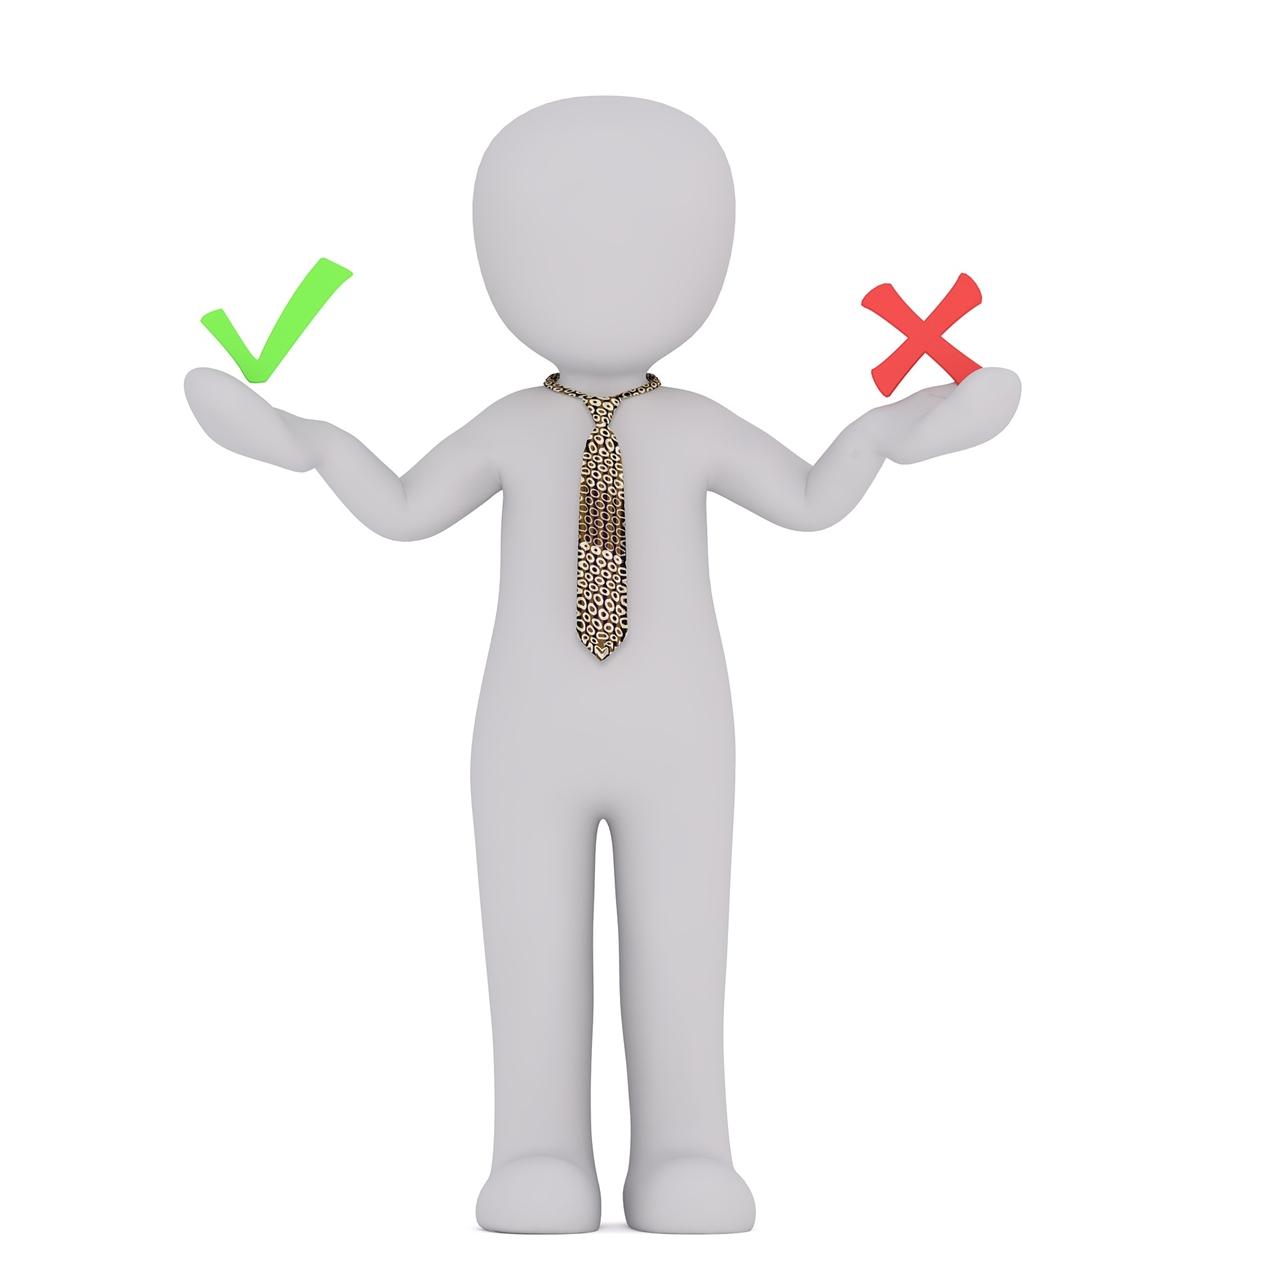 やる気がない既存スタッフとやる気がある新人スタッフの差が激しい。どうしたらいいか?